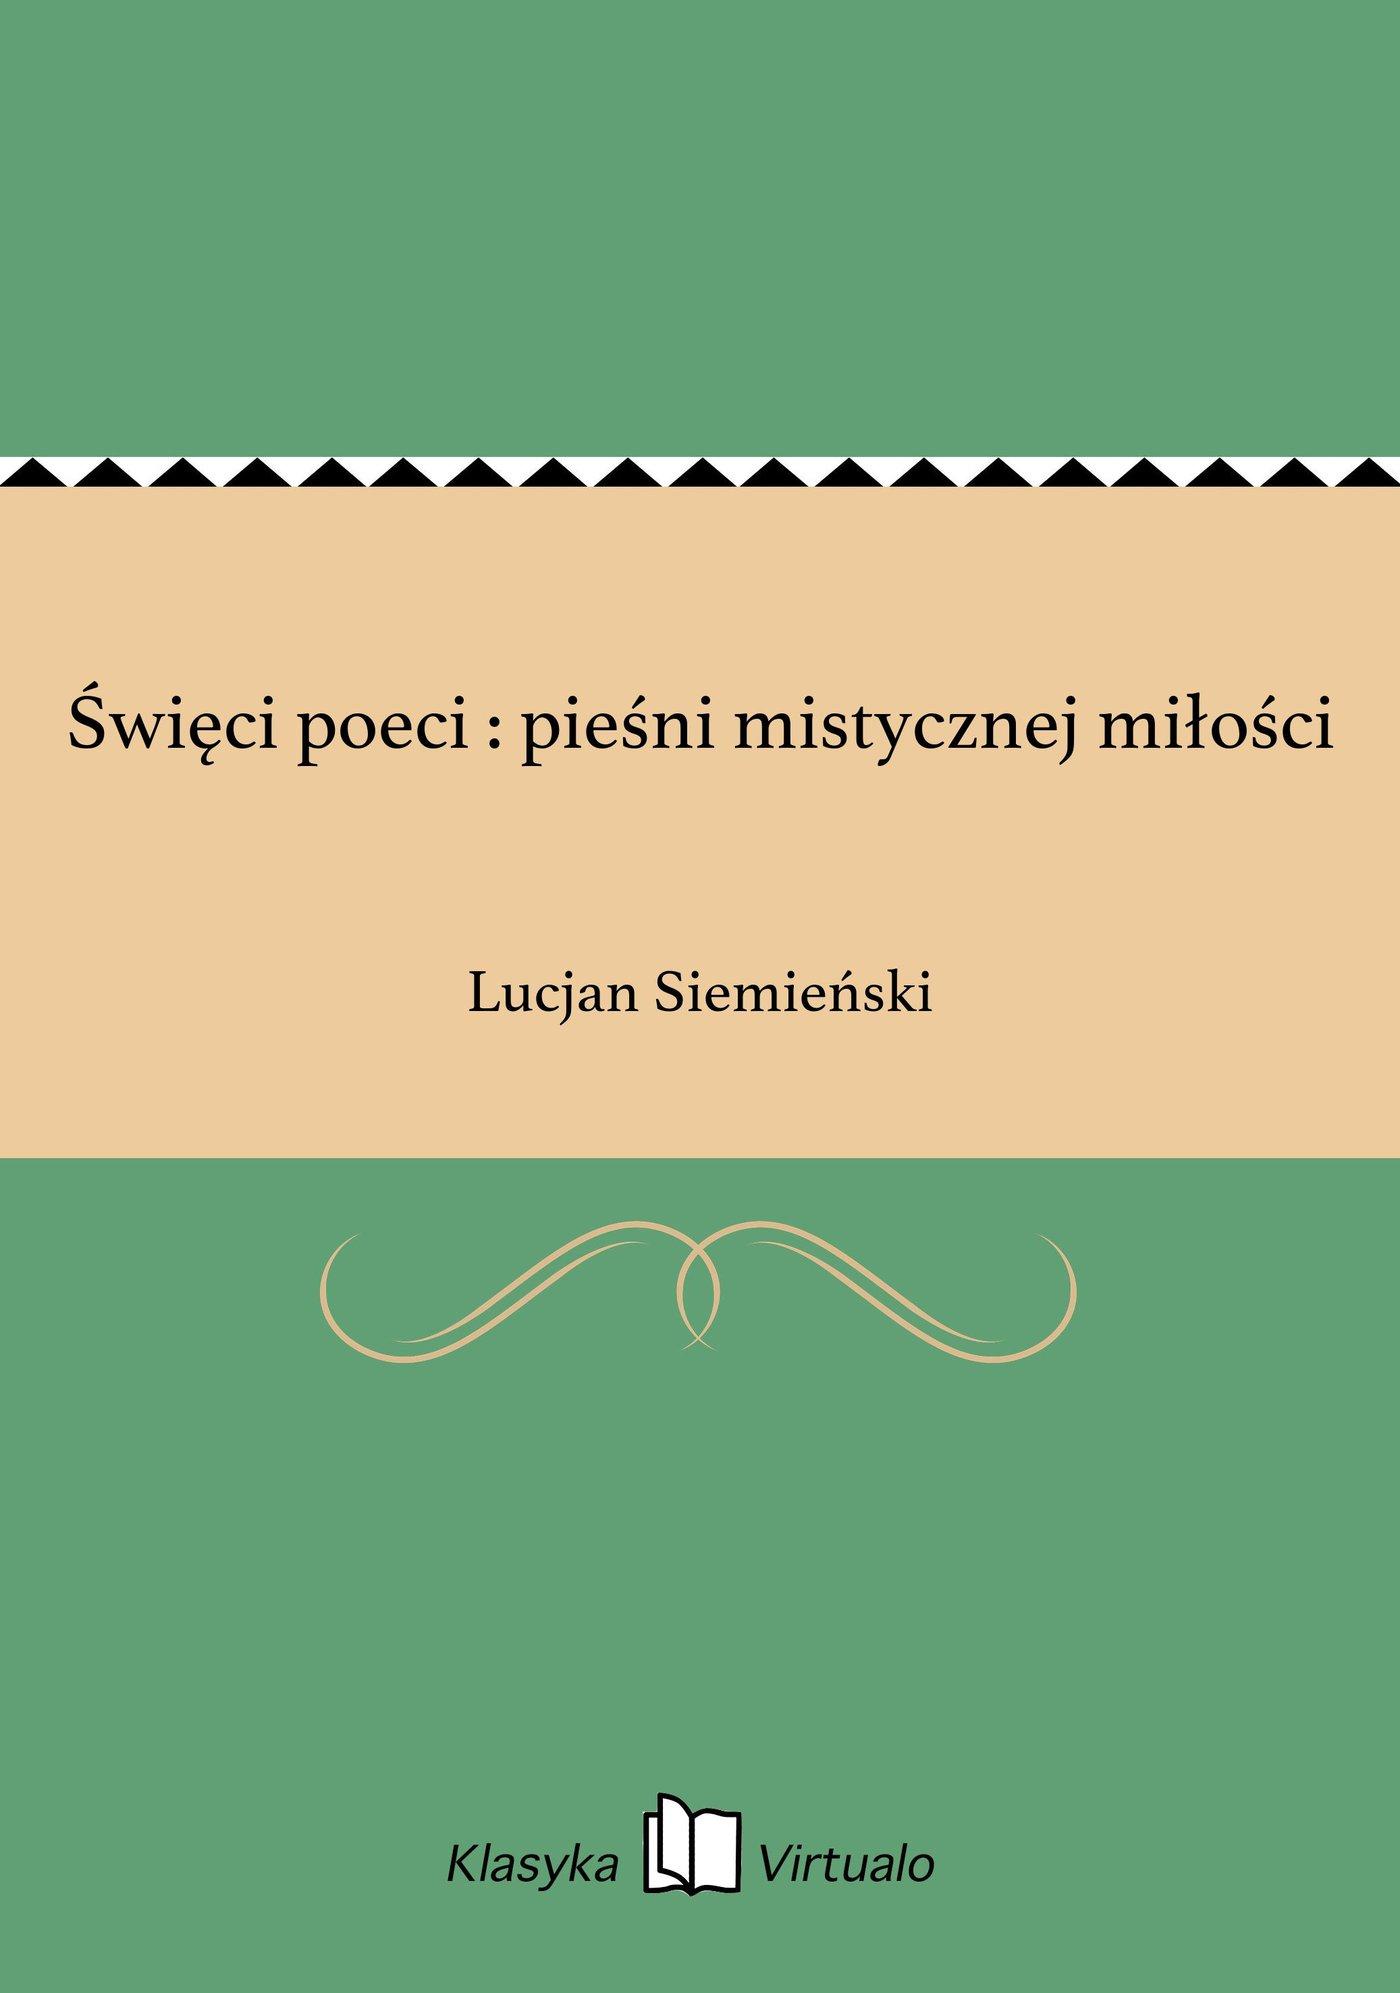 Święci poeci : pieśni mistycznej miłości - Ebook (Książka EPUB) do pobrania w formacie EPUB